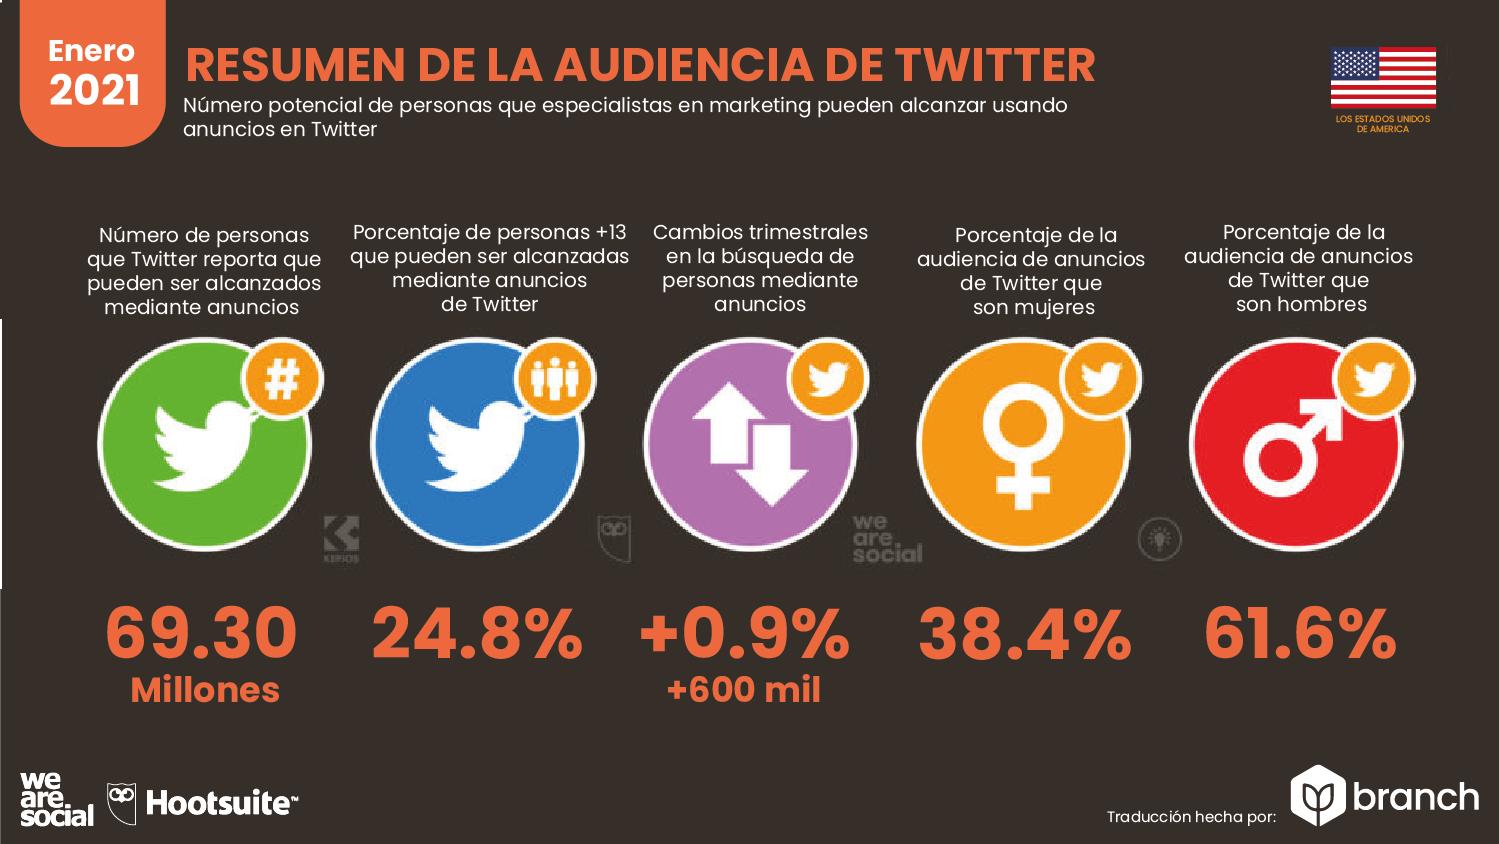 audiencia-de-twitter-en-usa-2020-2021